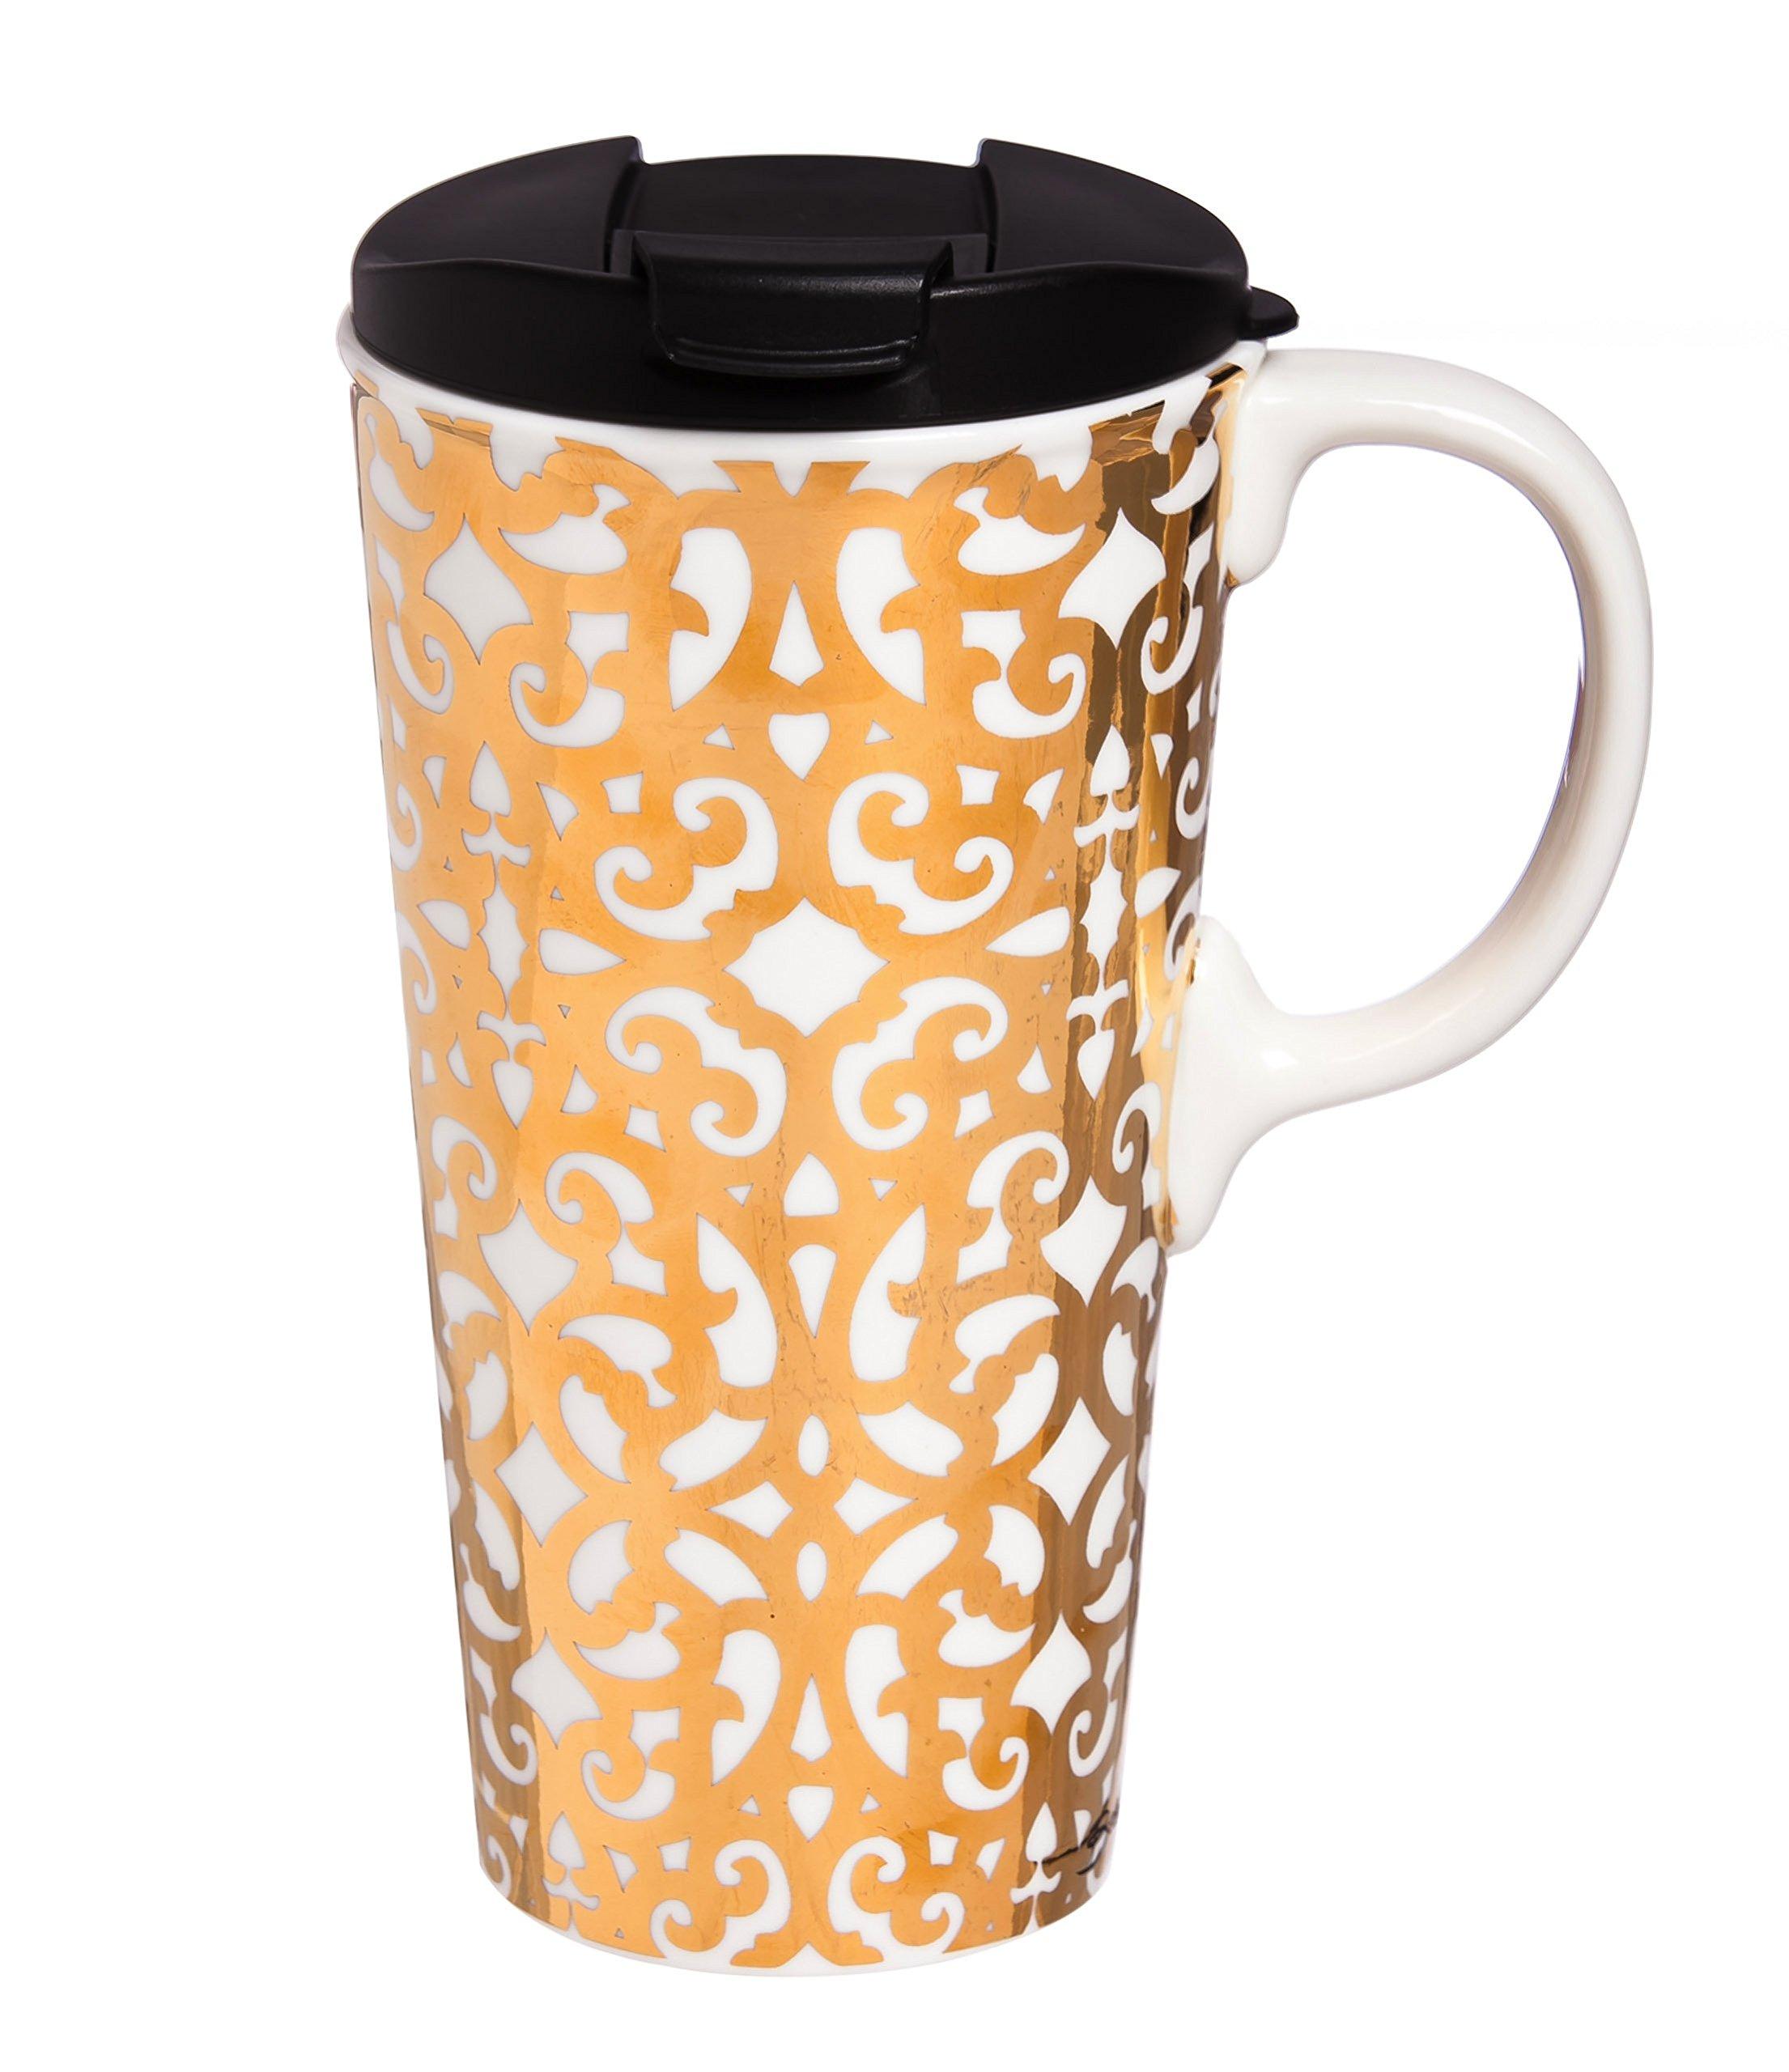 Cypress Home Celestial Holiday Ceramic Travel Coffee Mug, 17 ounces